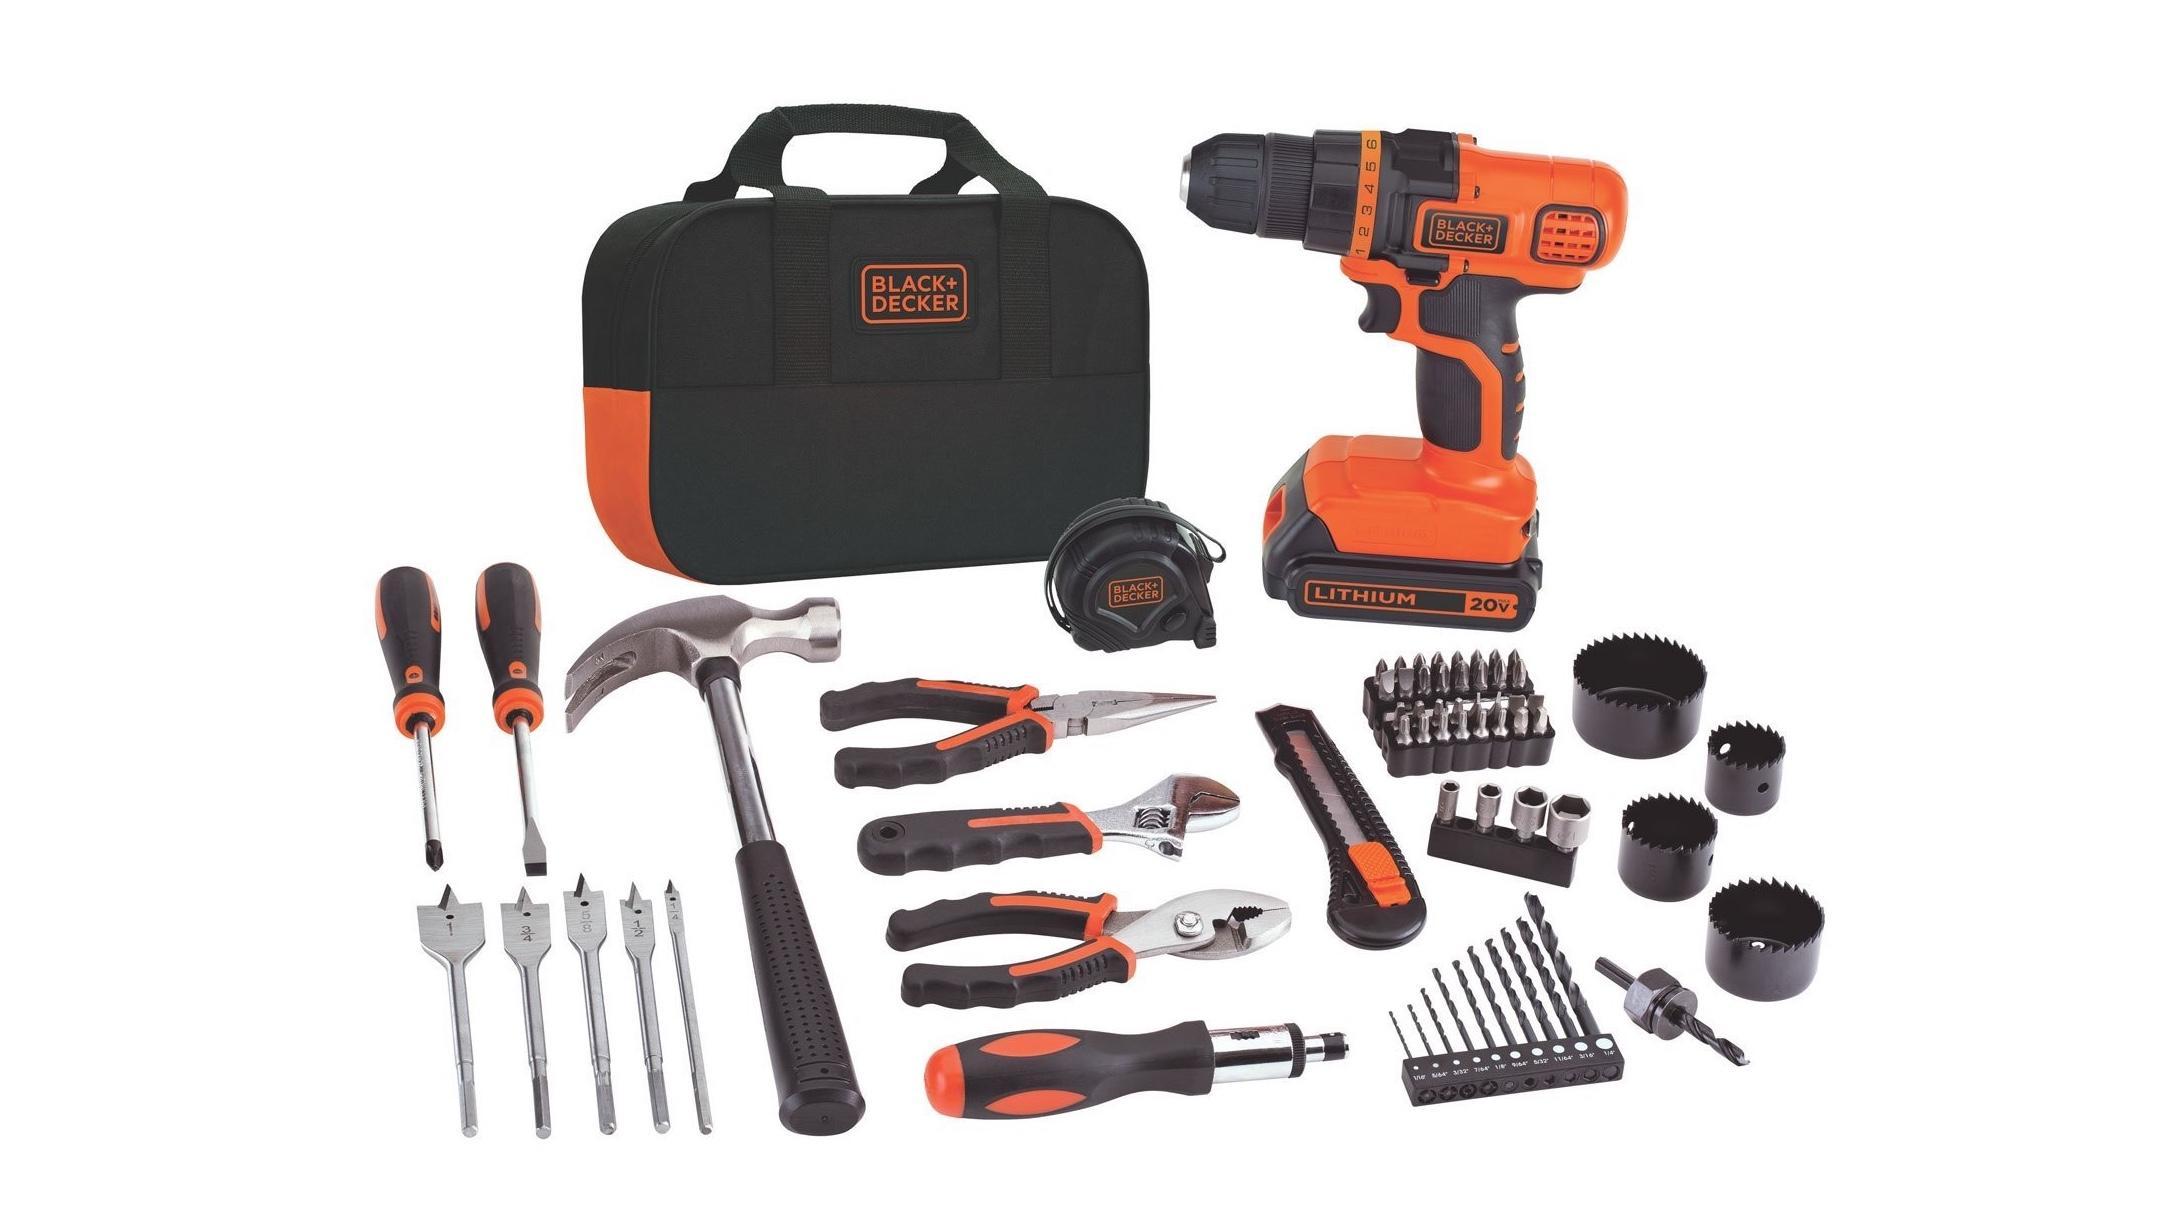 black-decker-drill-kit-ldx120pk